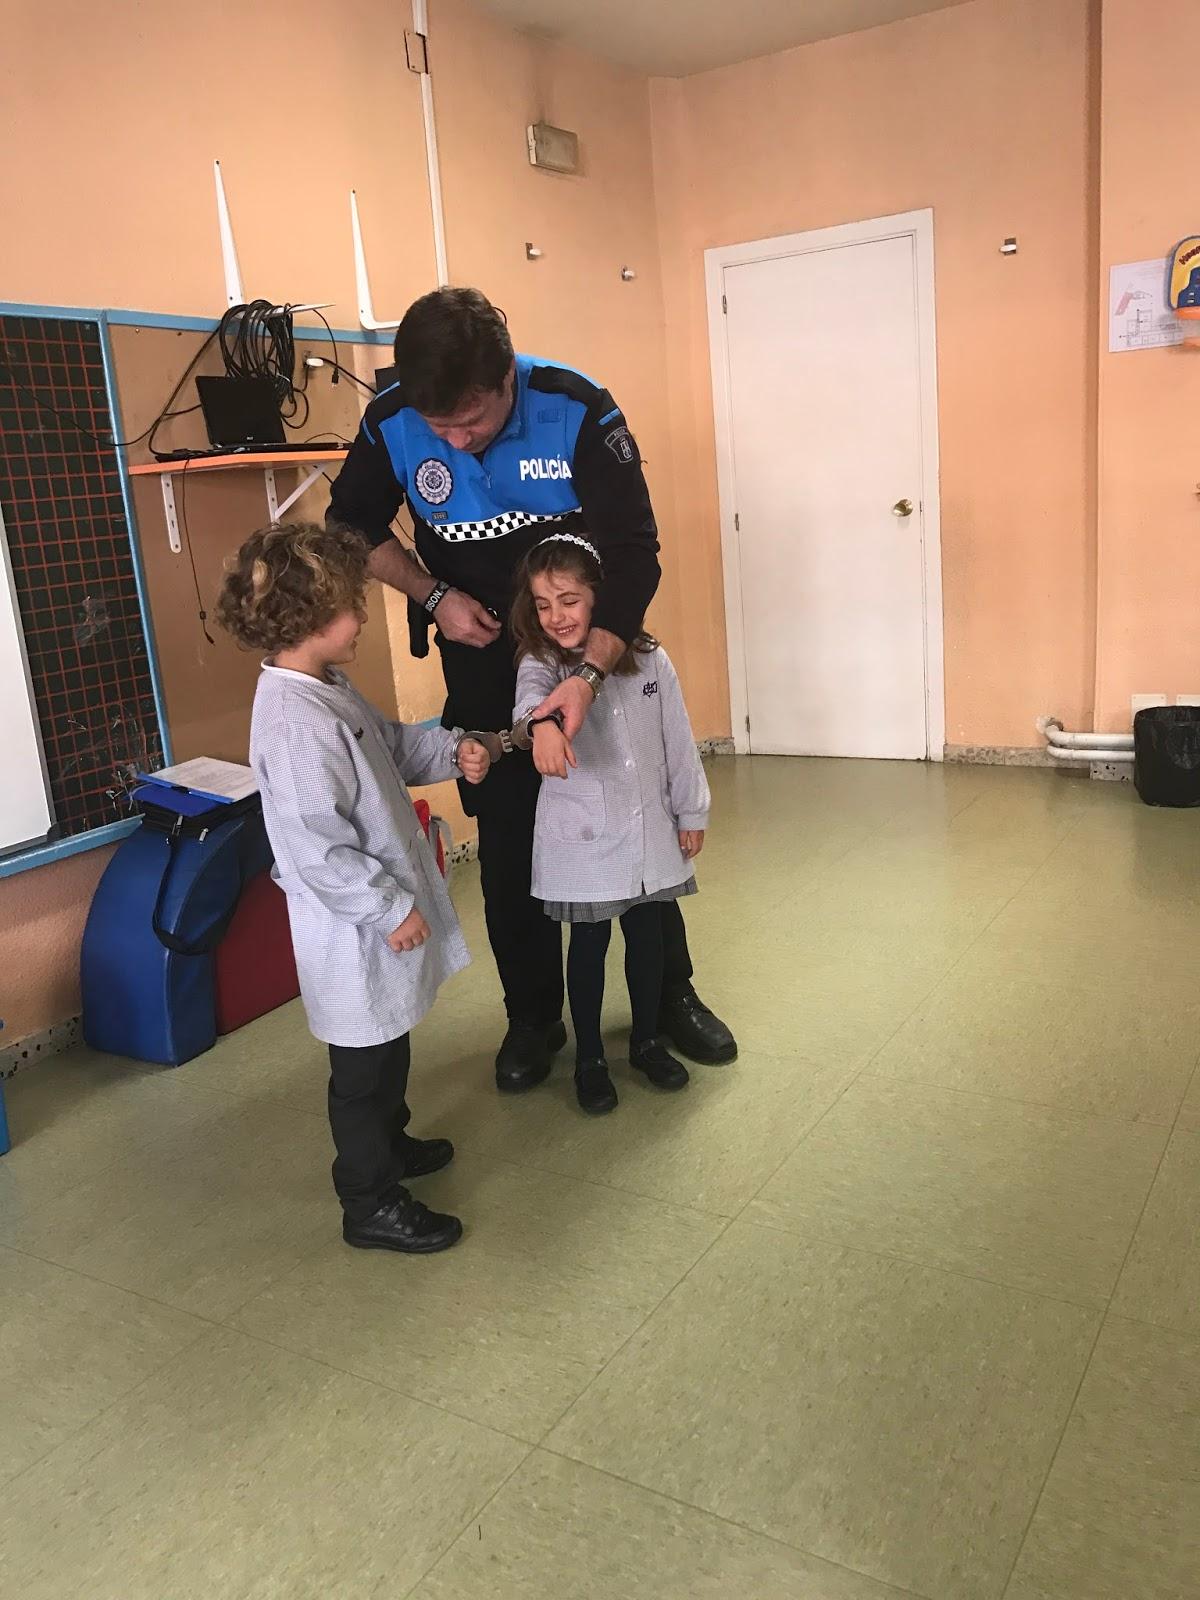 Agustinas Valladolid - 2017 - Infantil 4 - Policía Municipal 2